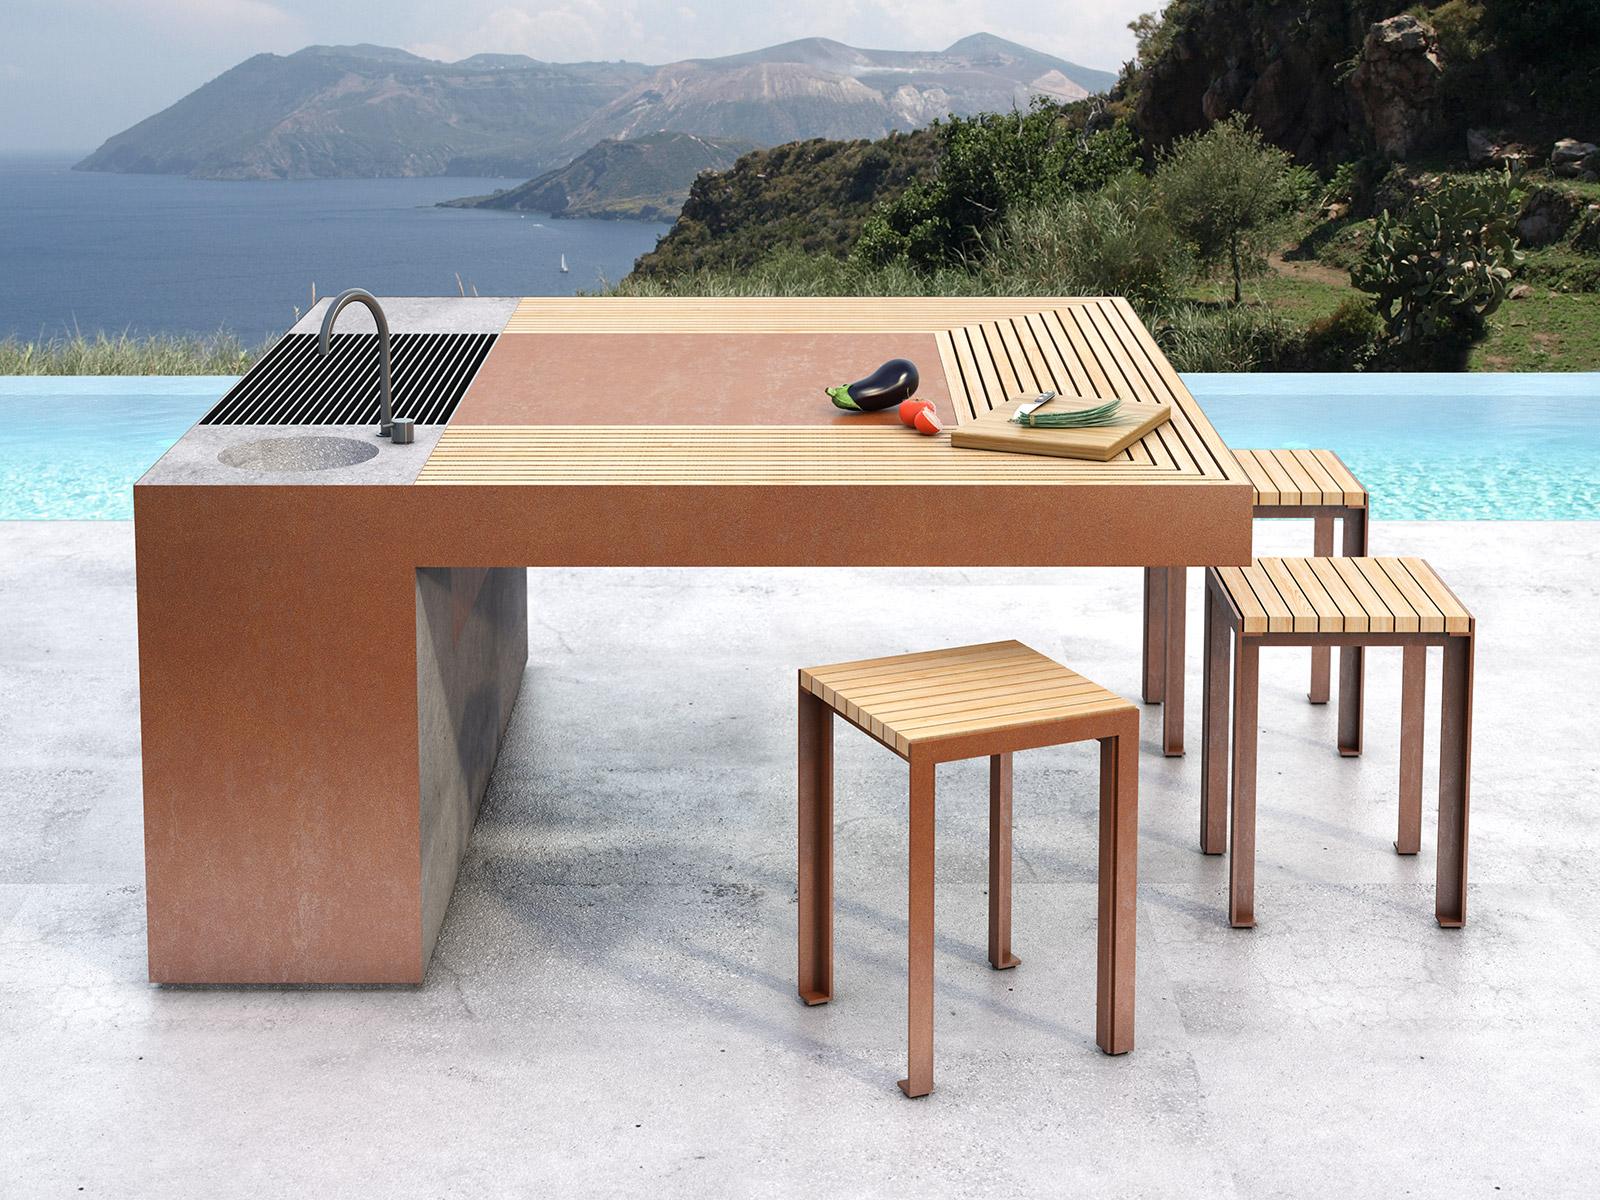 Fuoco fiamme artena design - Barbecue di design ...